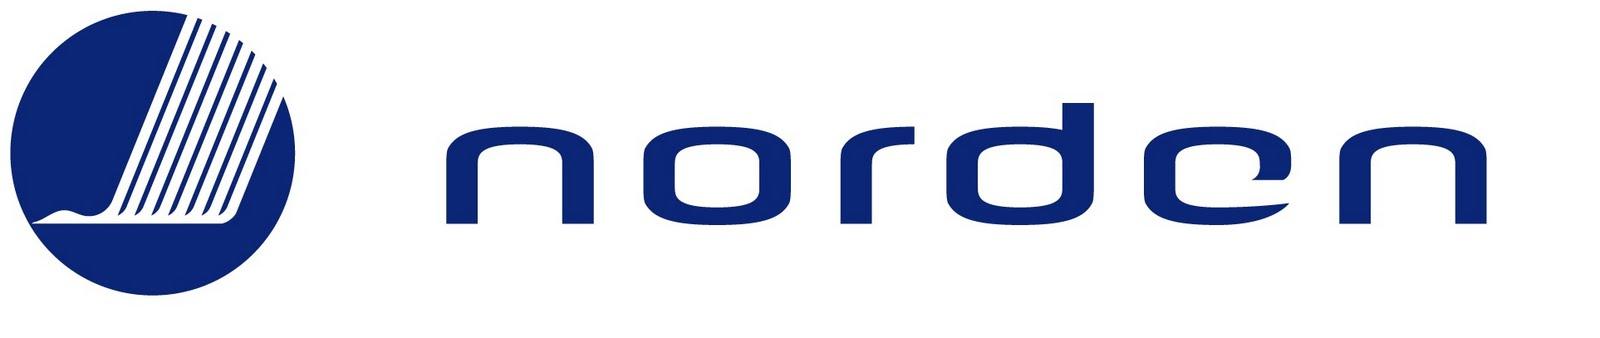 Image result for Norden logo